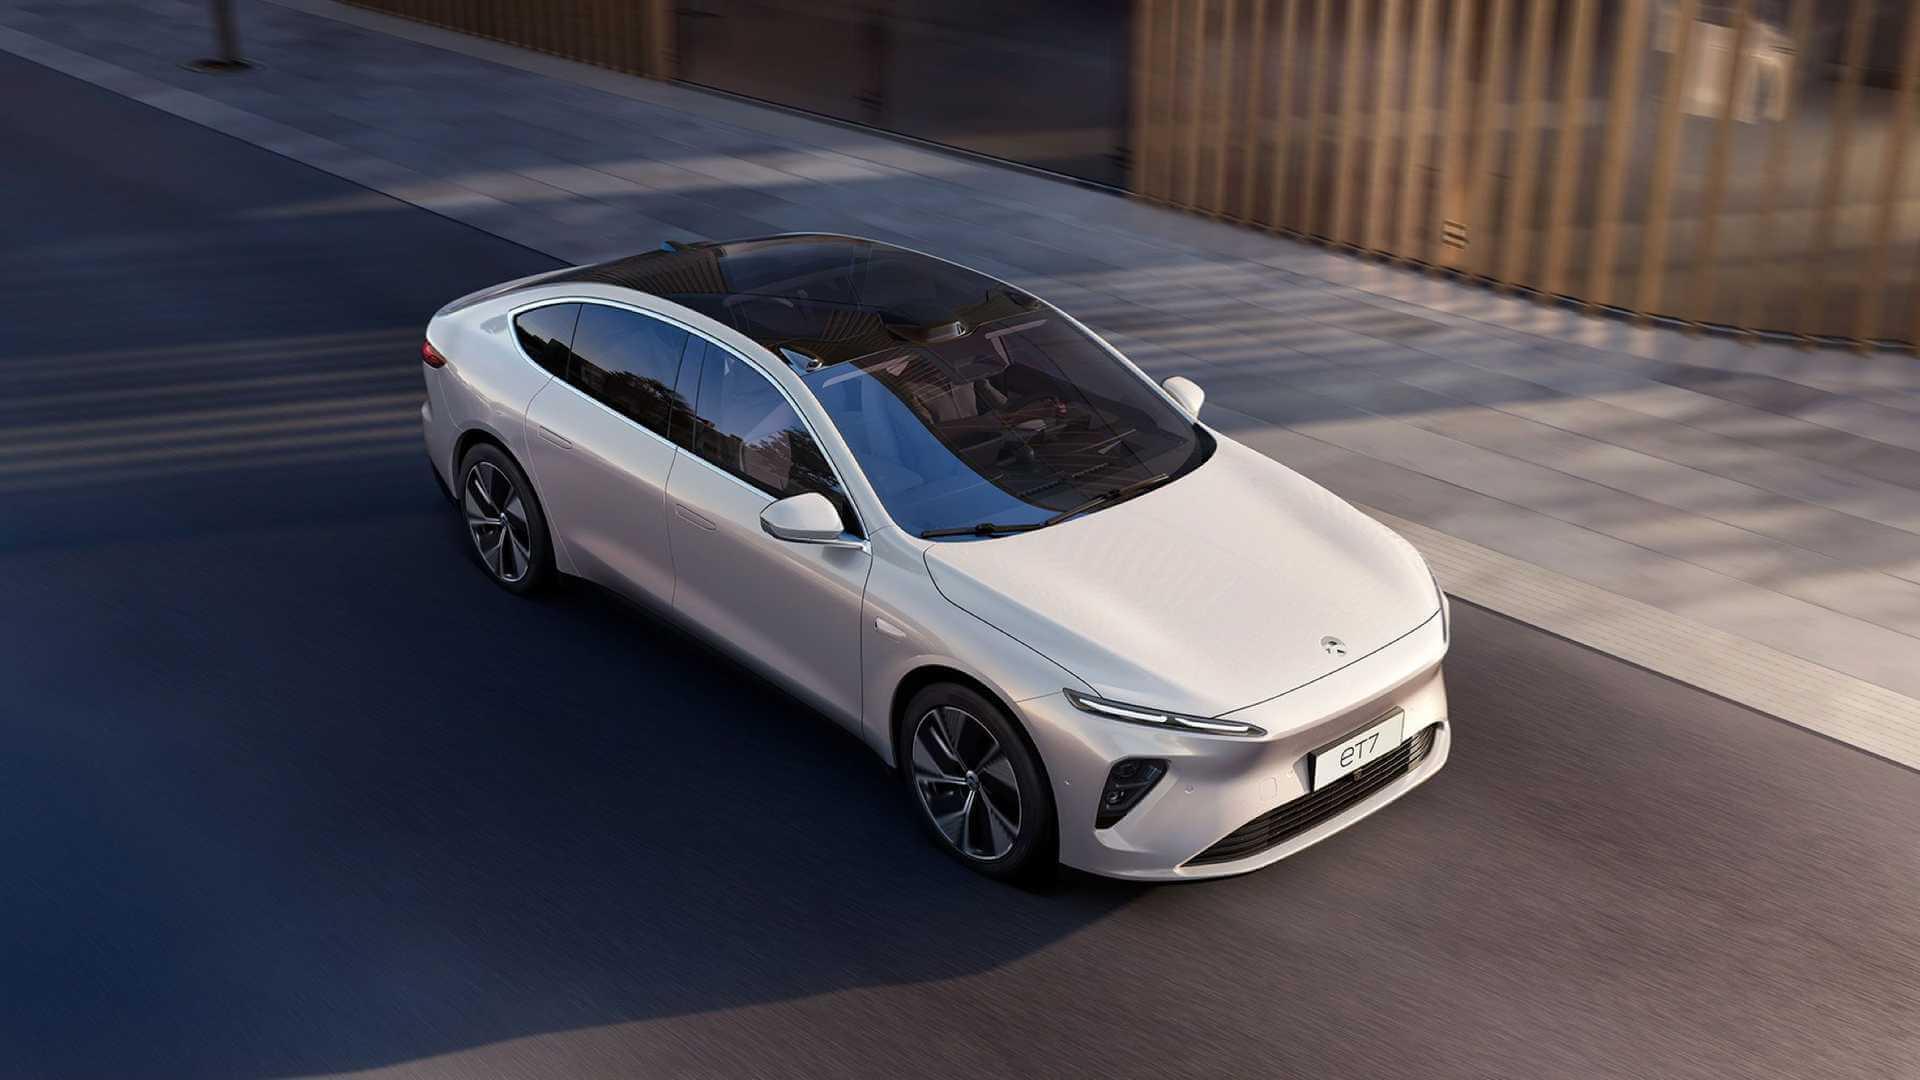 Nio представила свой первый седан ET7 в январе. но поставки начнутся только в 2022 году, а это означает, что у компании не будет новой модели в этом году